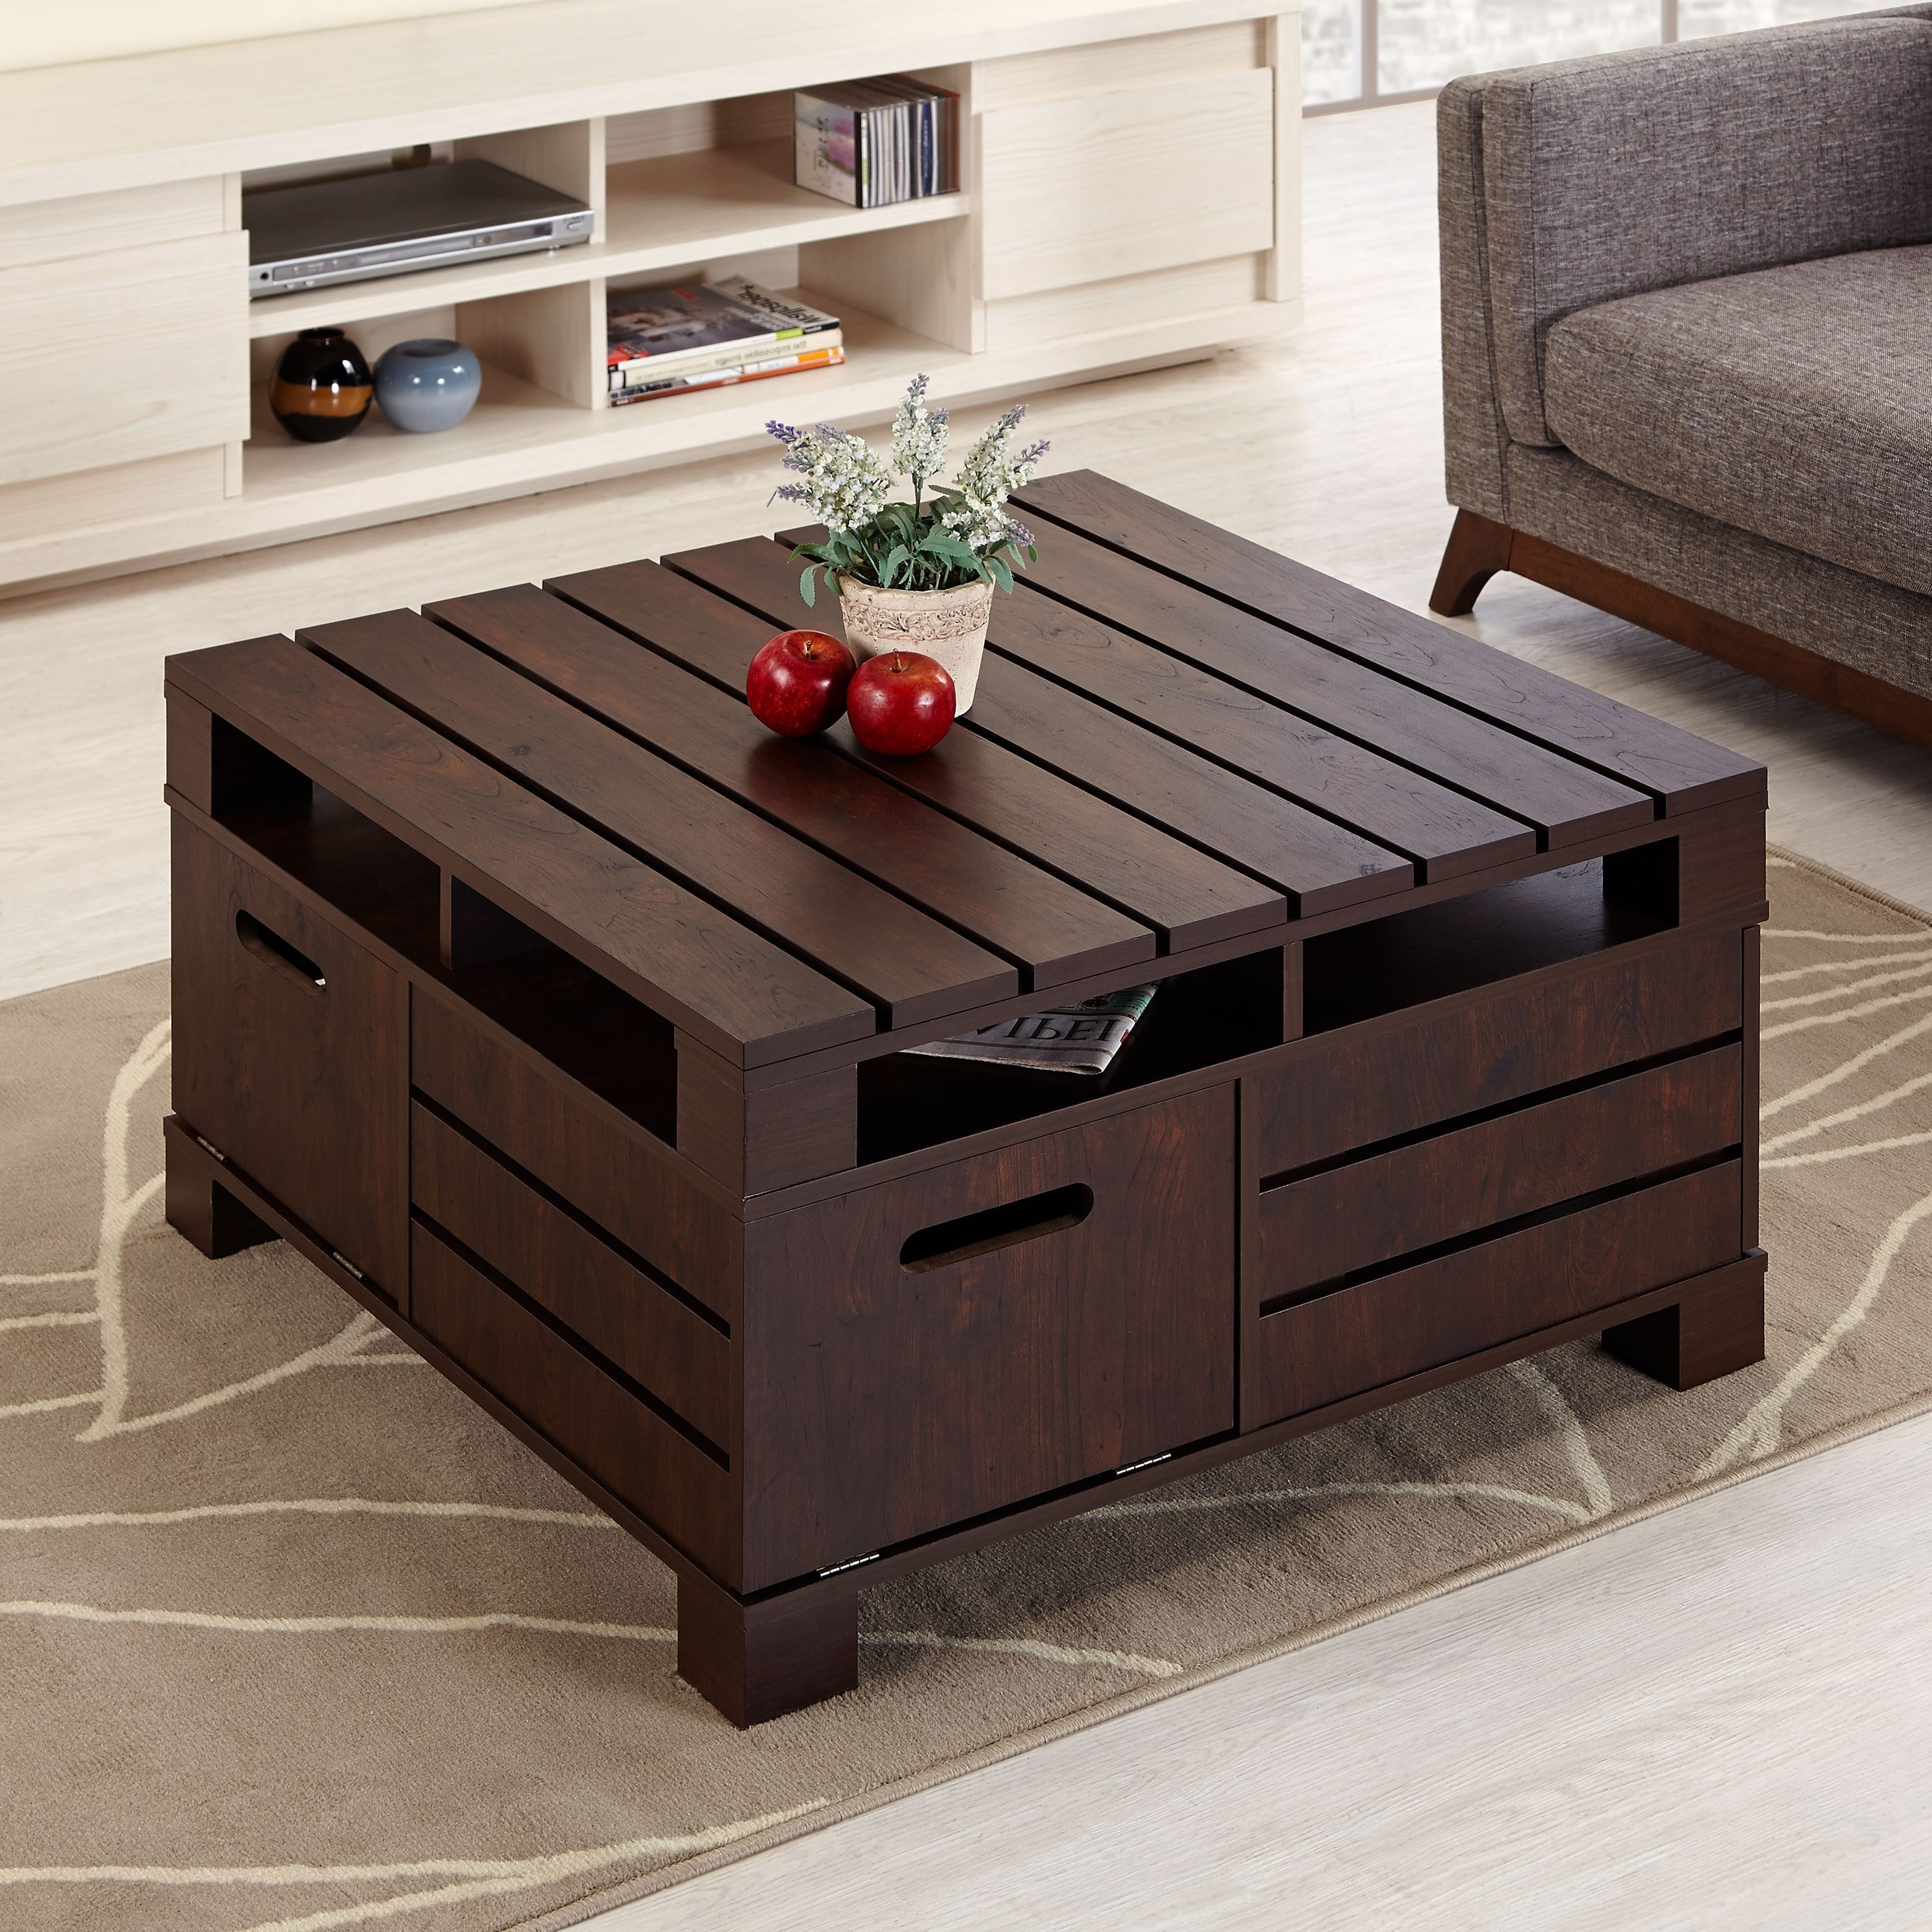 Table basse en bois sombre.